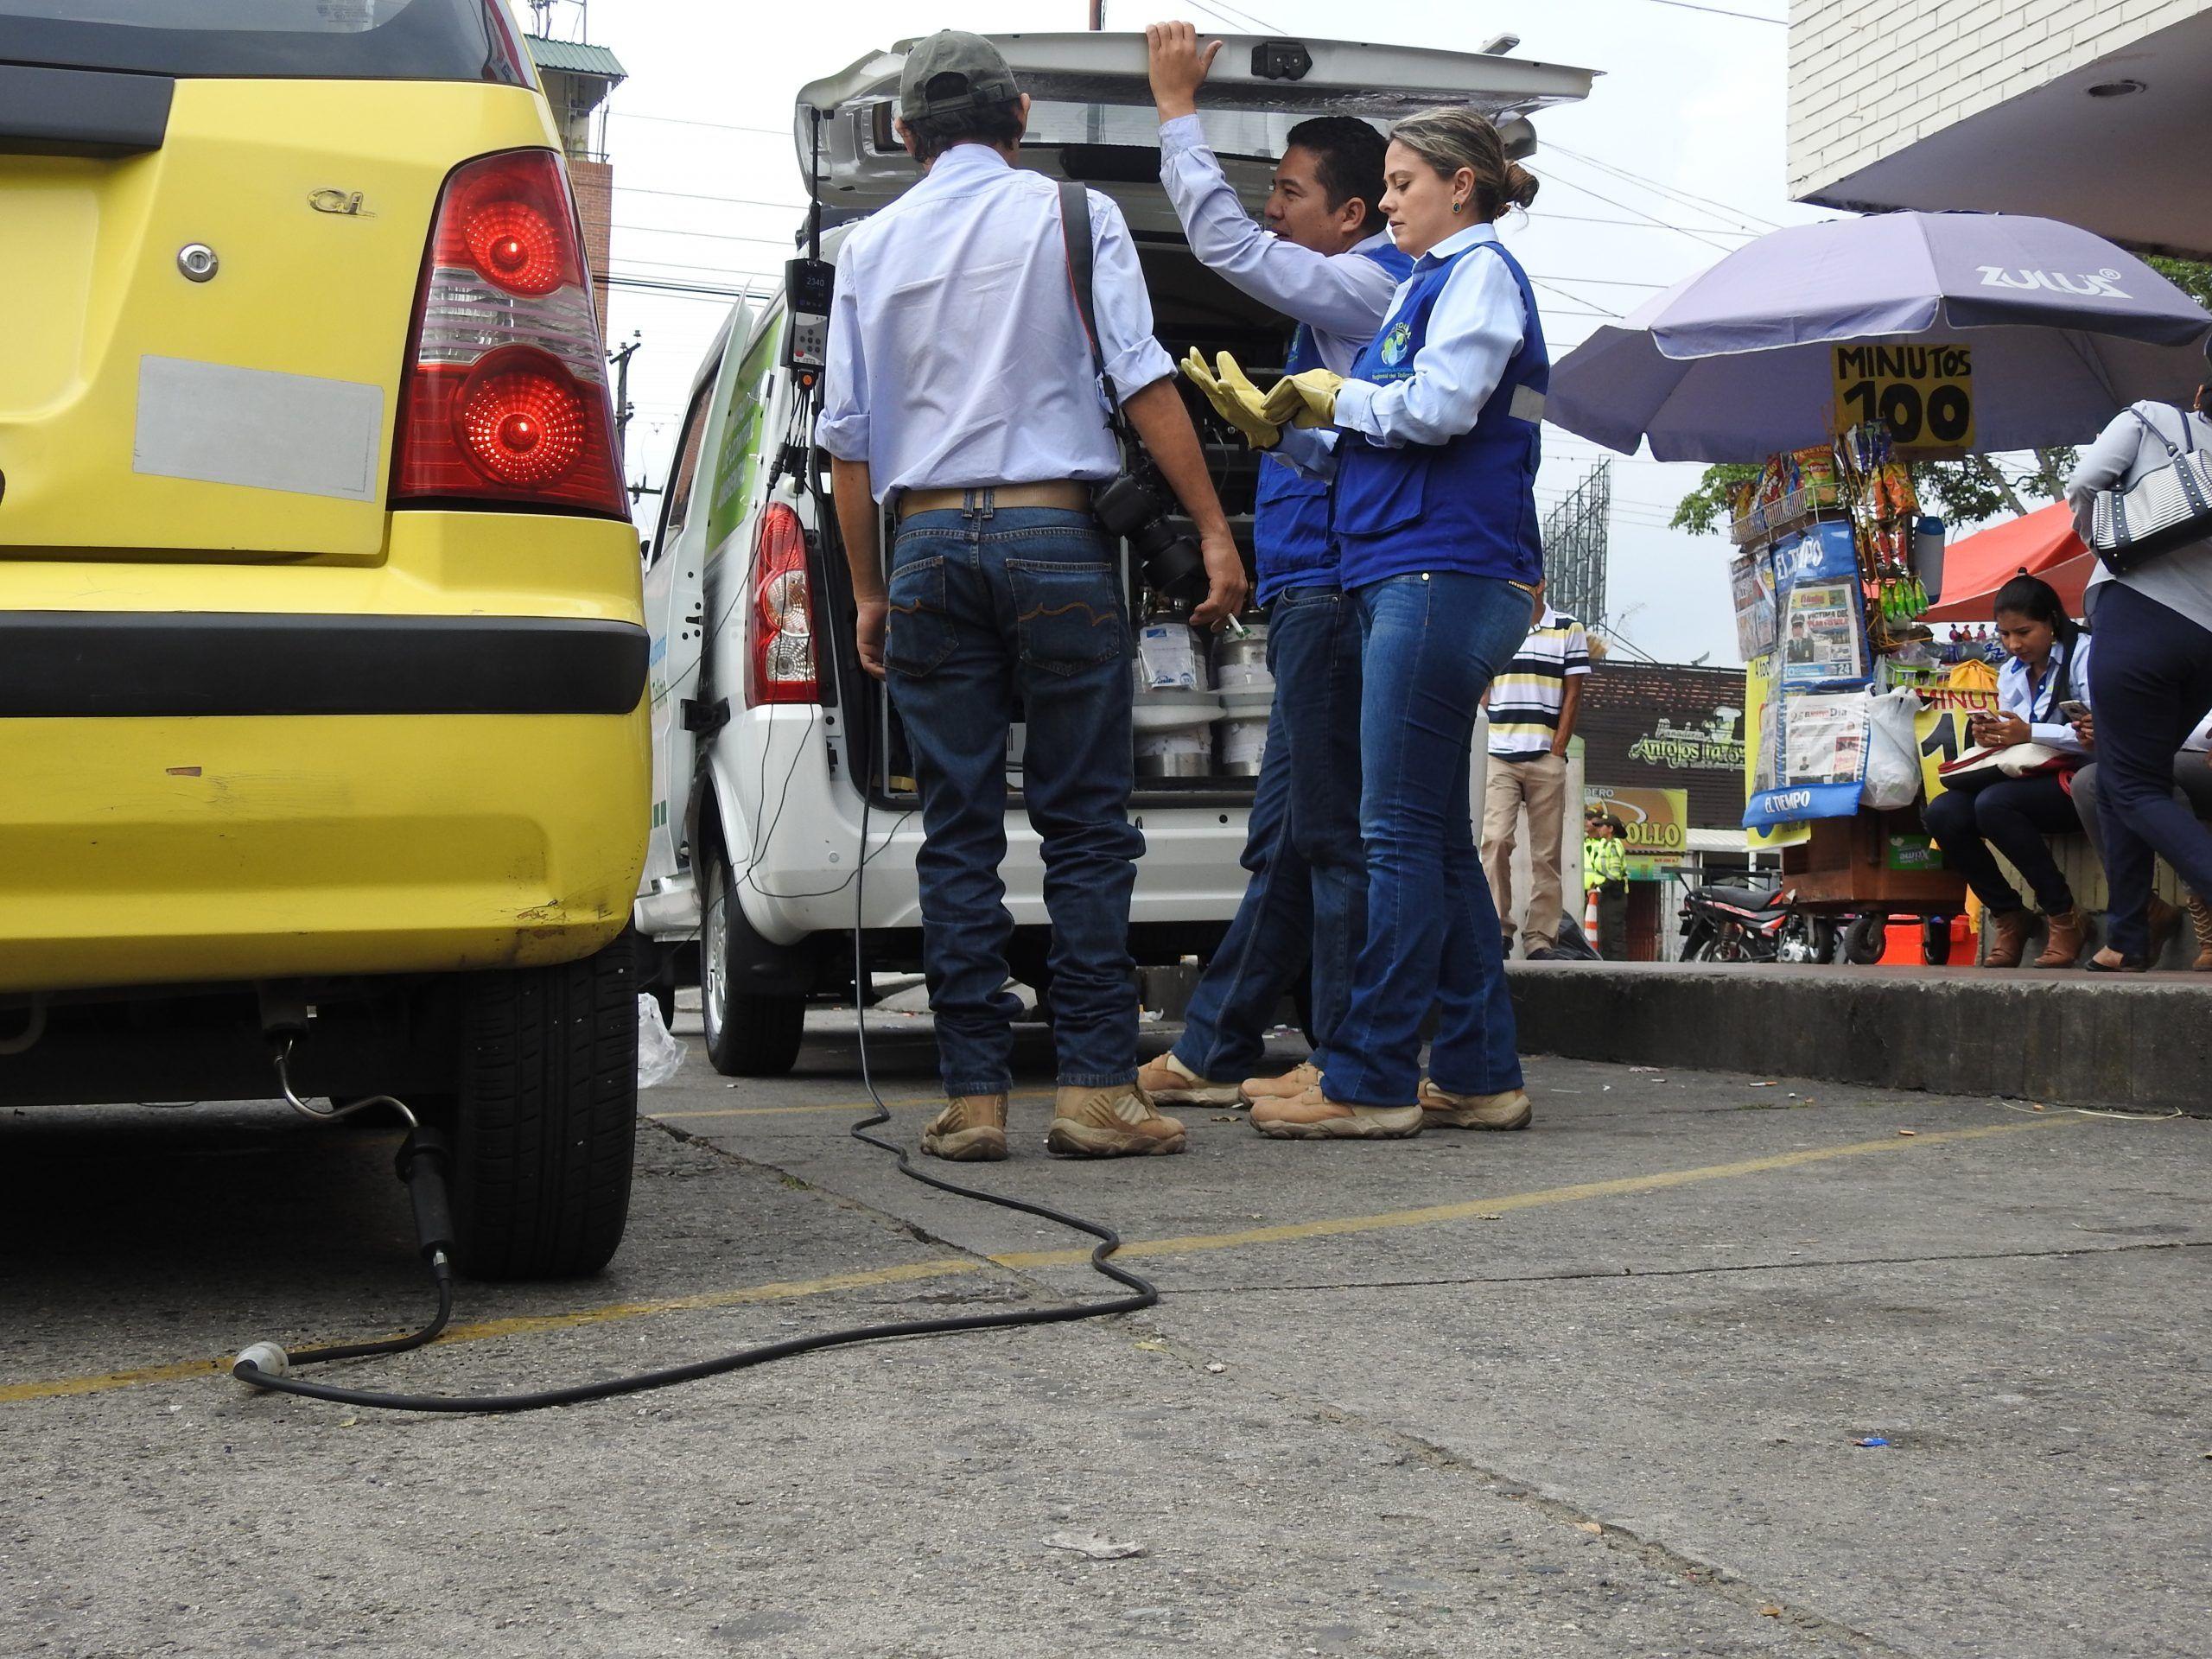 Controles de ruido y gases en vehículos en el 'Día sin carro' en Ibagué